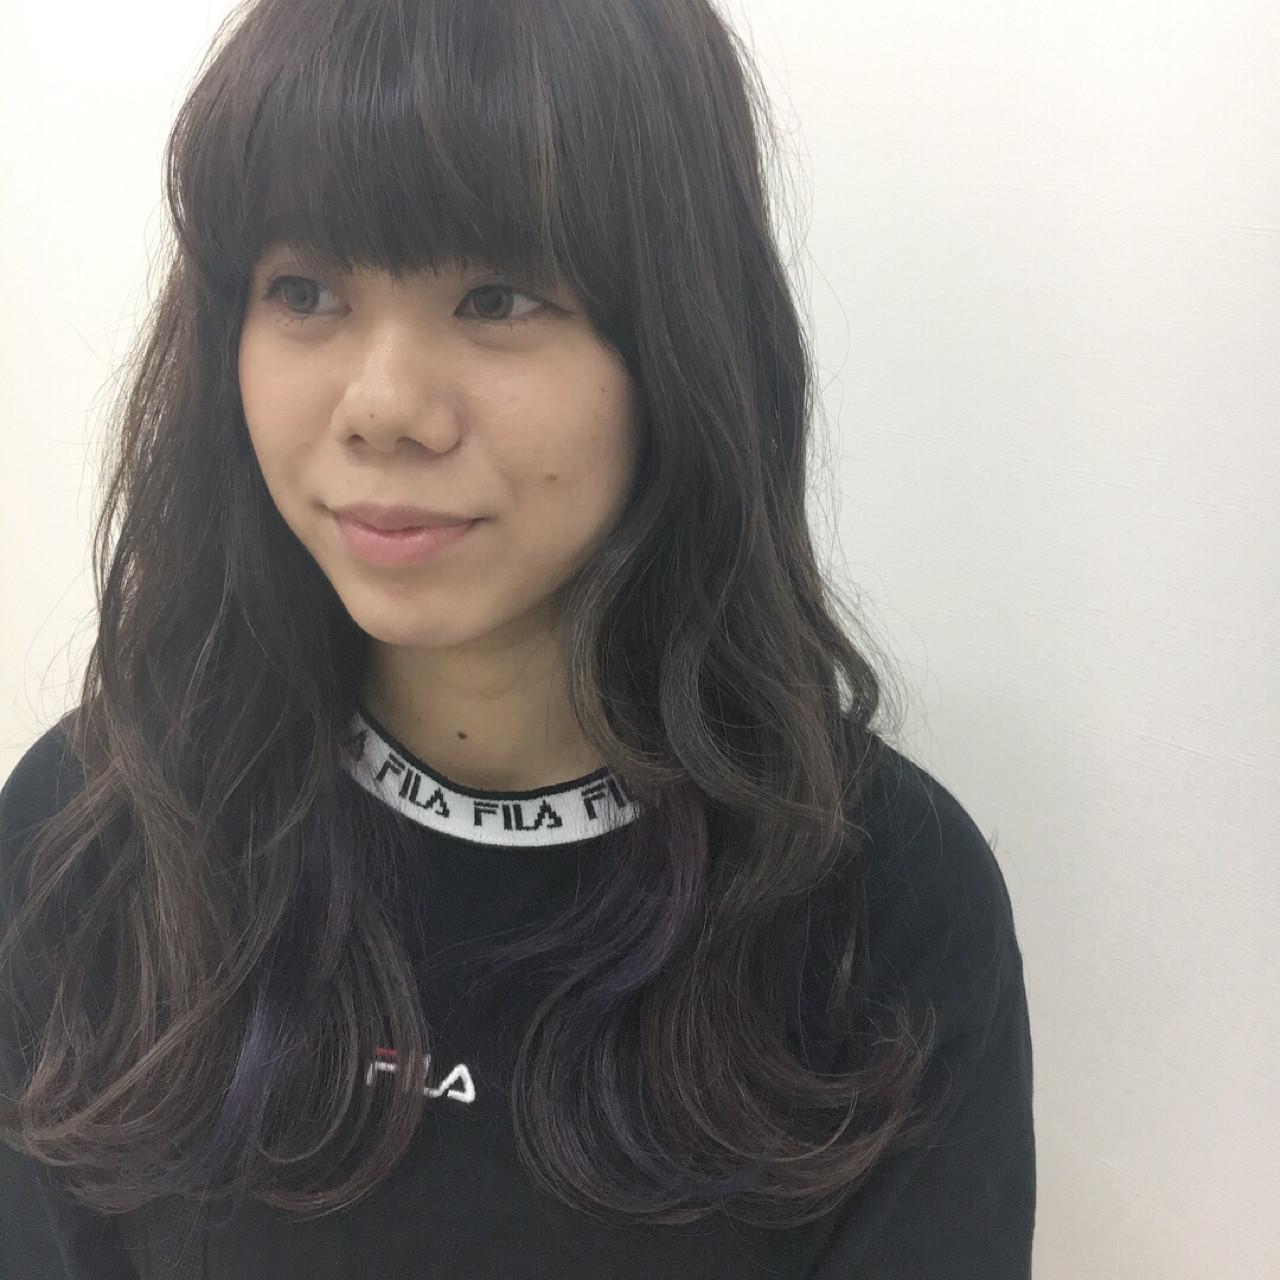 ナチュラル ウェーブ 大人かわいい アンニュイ ヘアスタイルや髪型の写真・画像 | Yuuta Asato / Moana by HEADLIGHT 沖縄東崎店